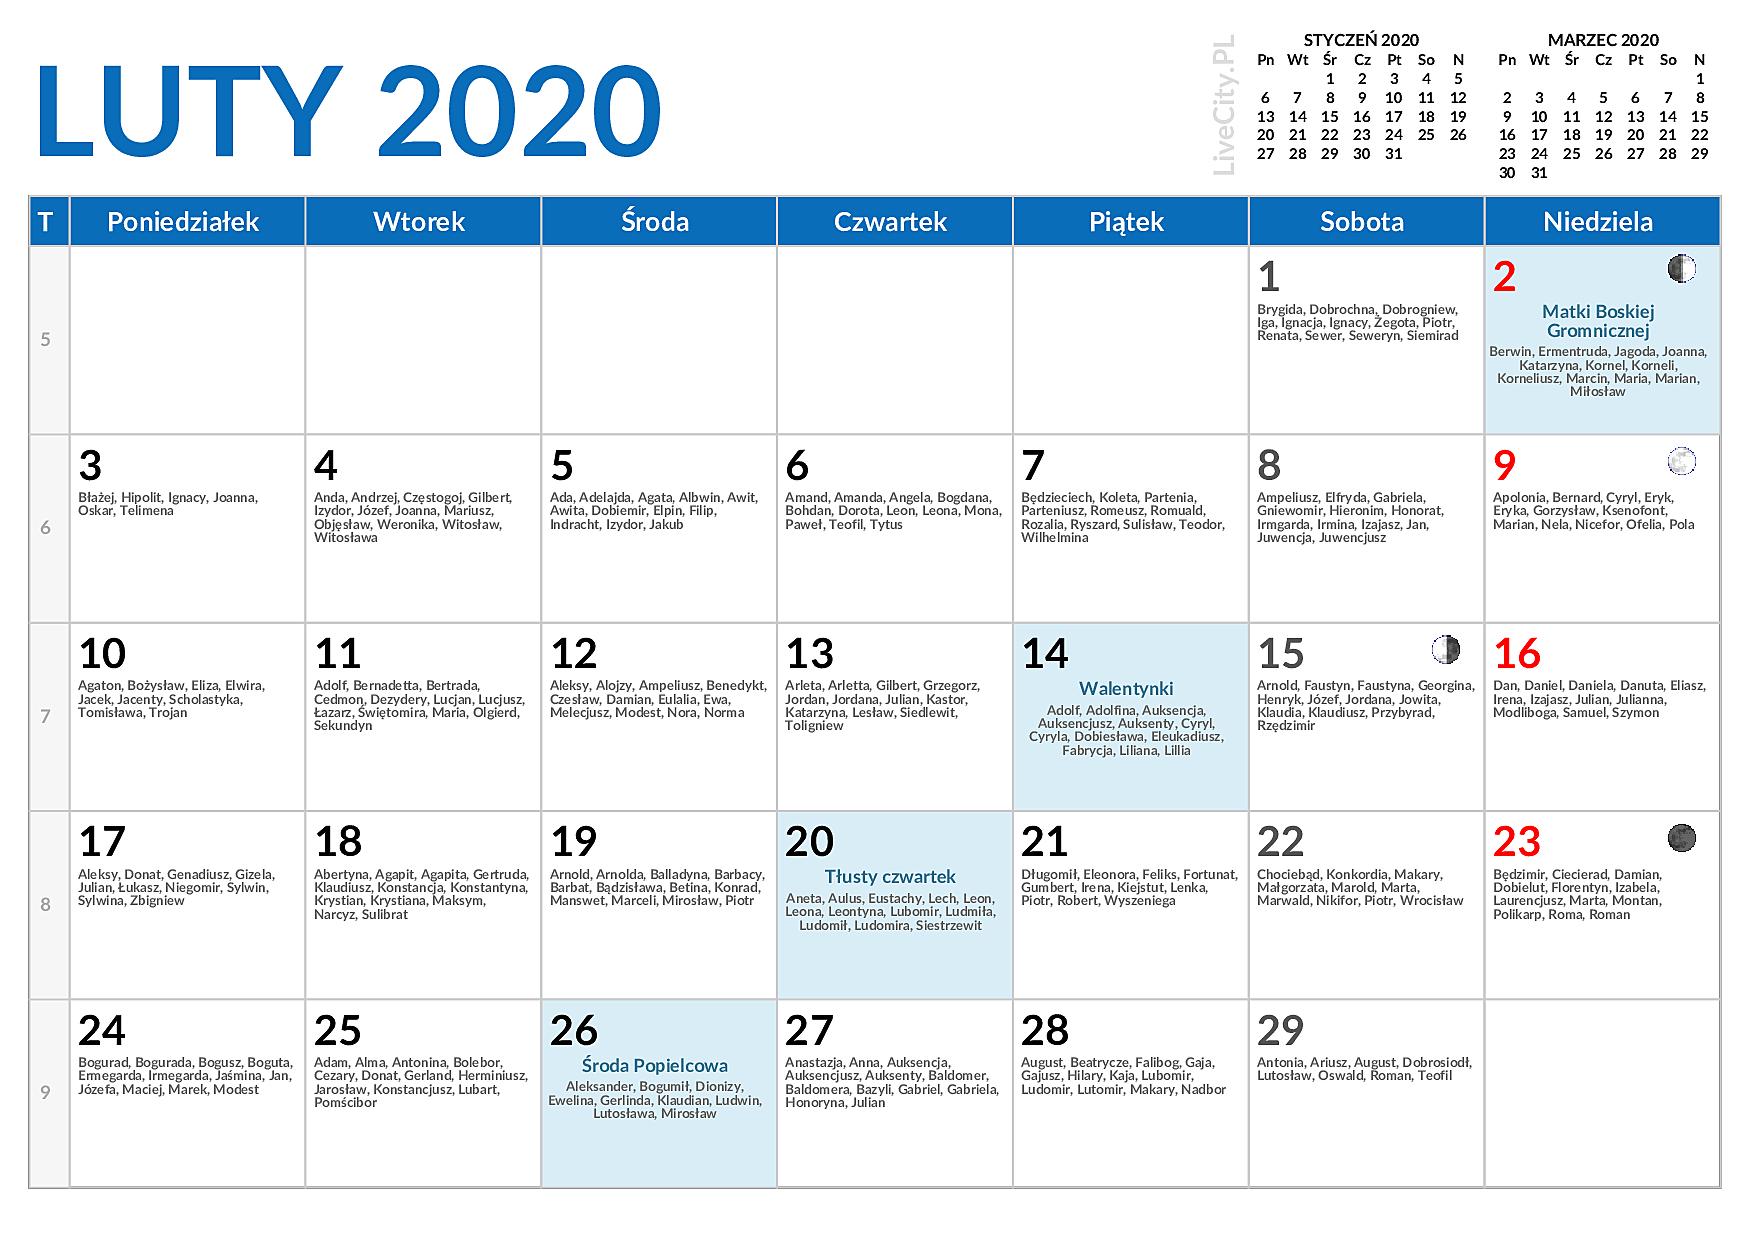 Kalendarz Luty 2020 Kalendarz Lutego